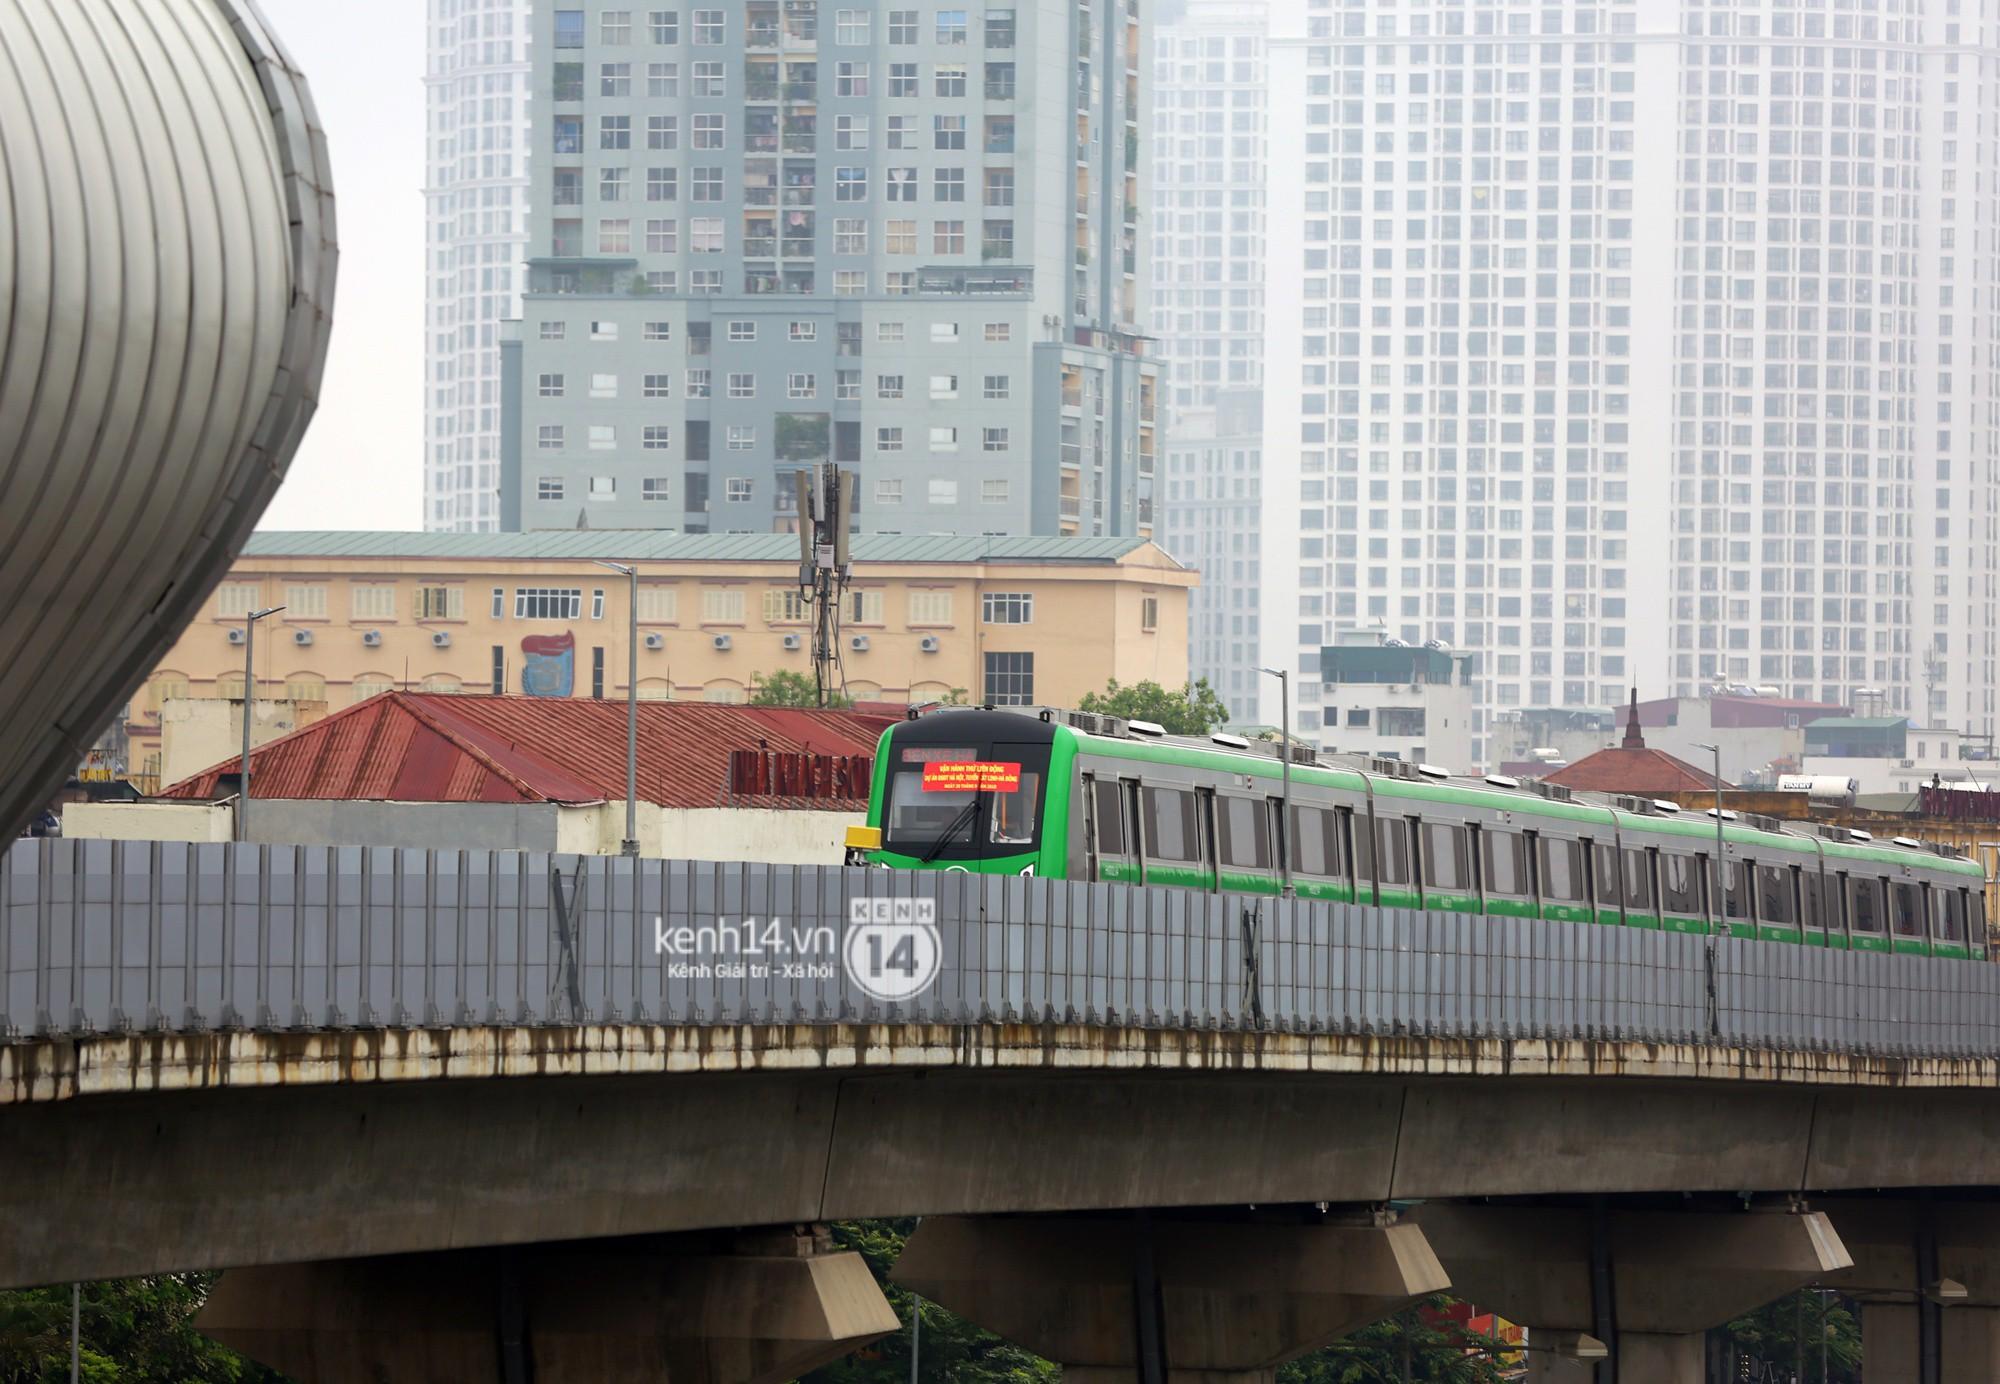 Ảnh, clip: 4 đoàn tàu đường sắt trên cao bất ngờ di chuyển trong mưa trước ngày chạy thử - Ảnh 12.